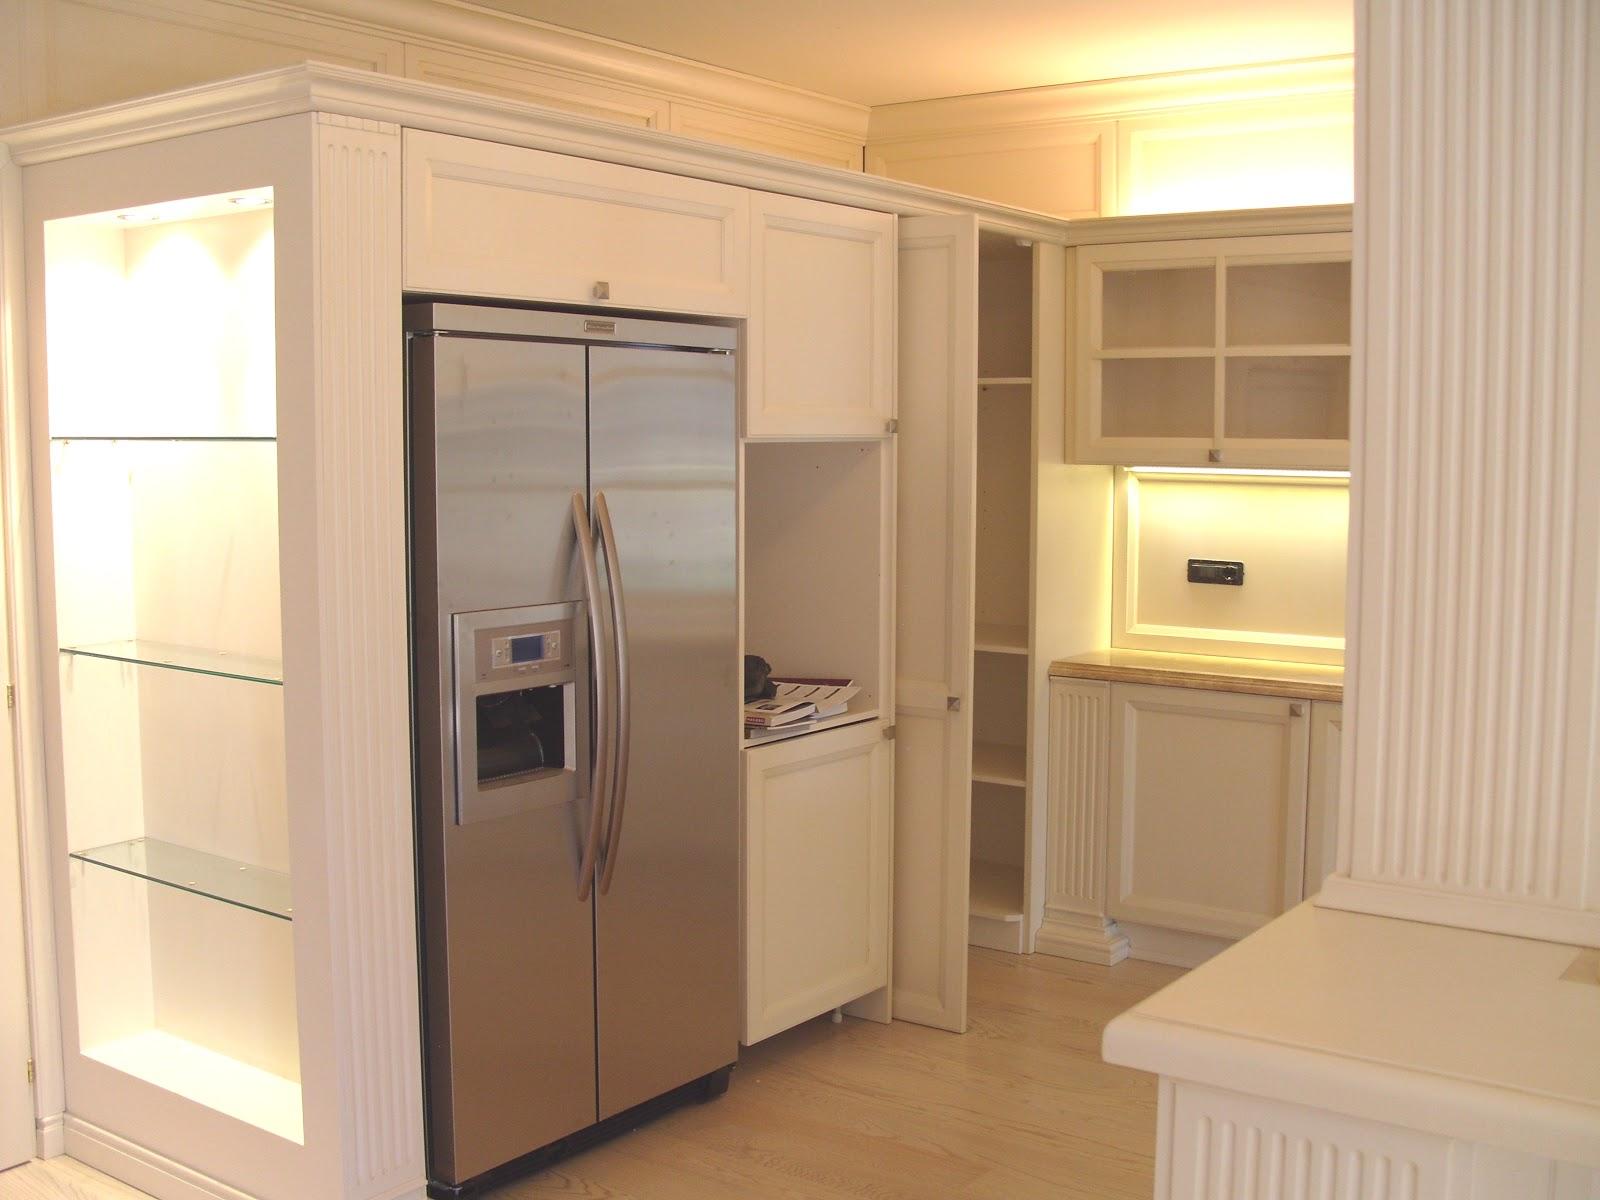 cucine moderne bianche classiche : ... di qualit?: Cucine classiche laccate bianche-Produciamo su misura